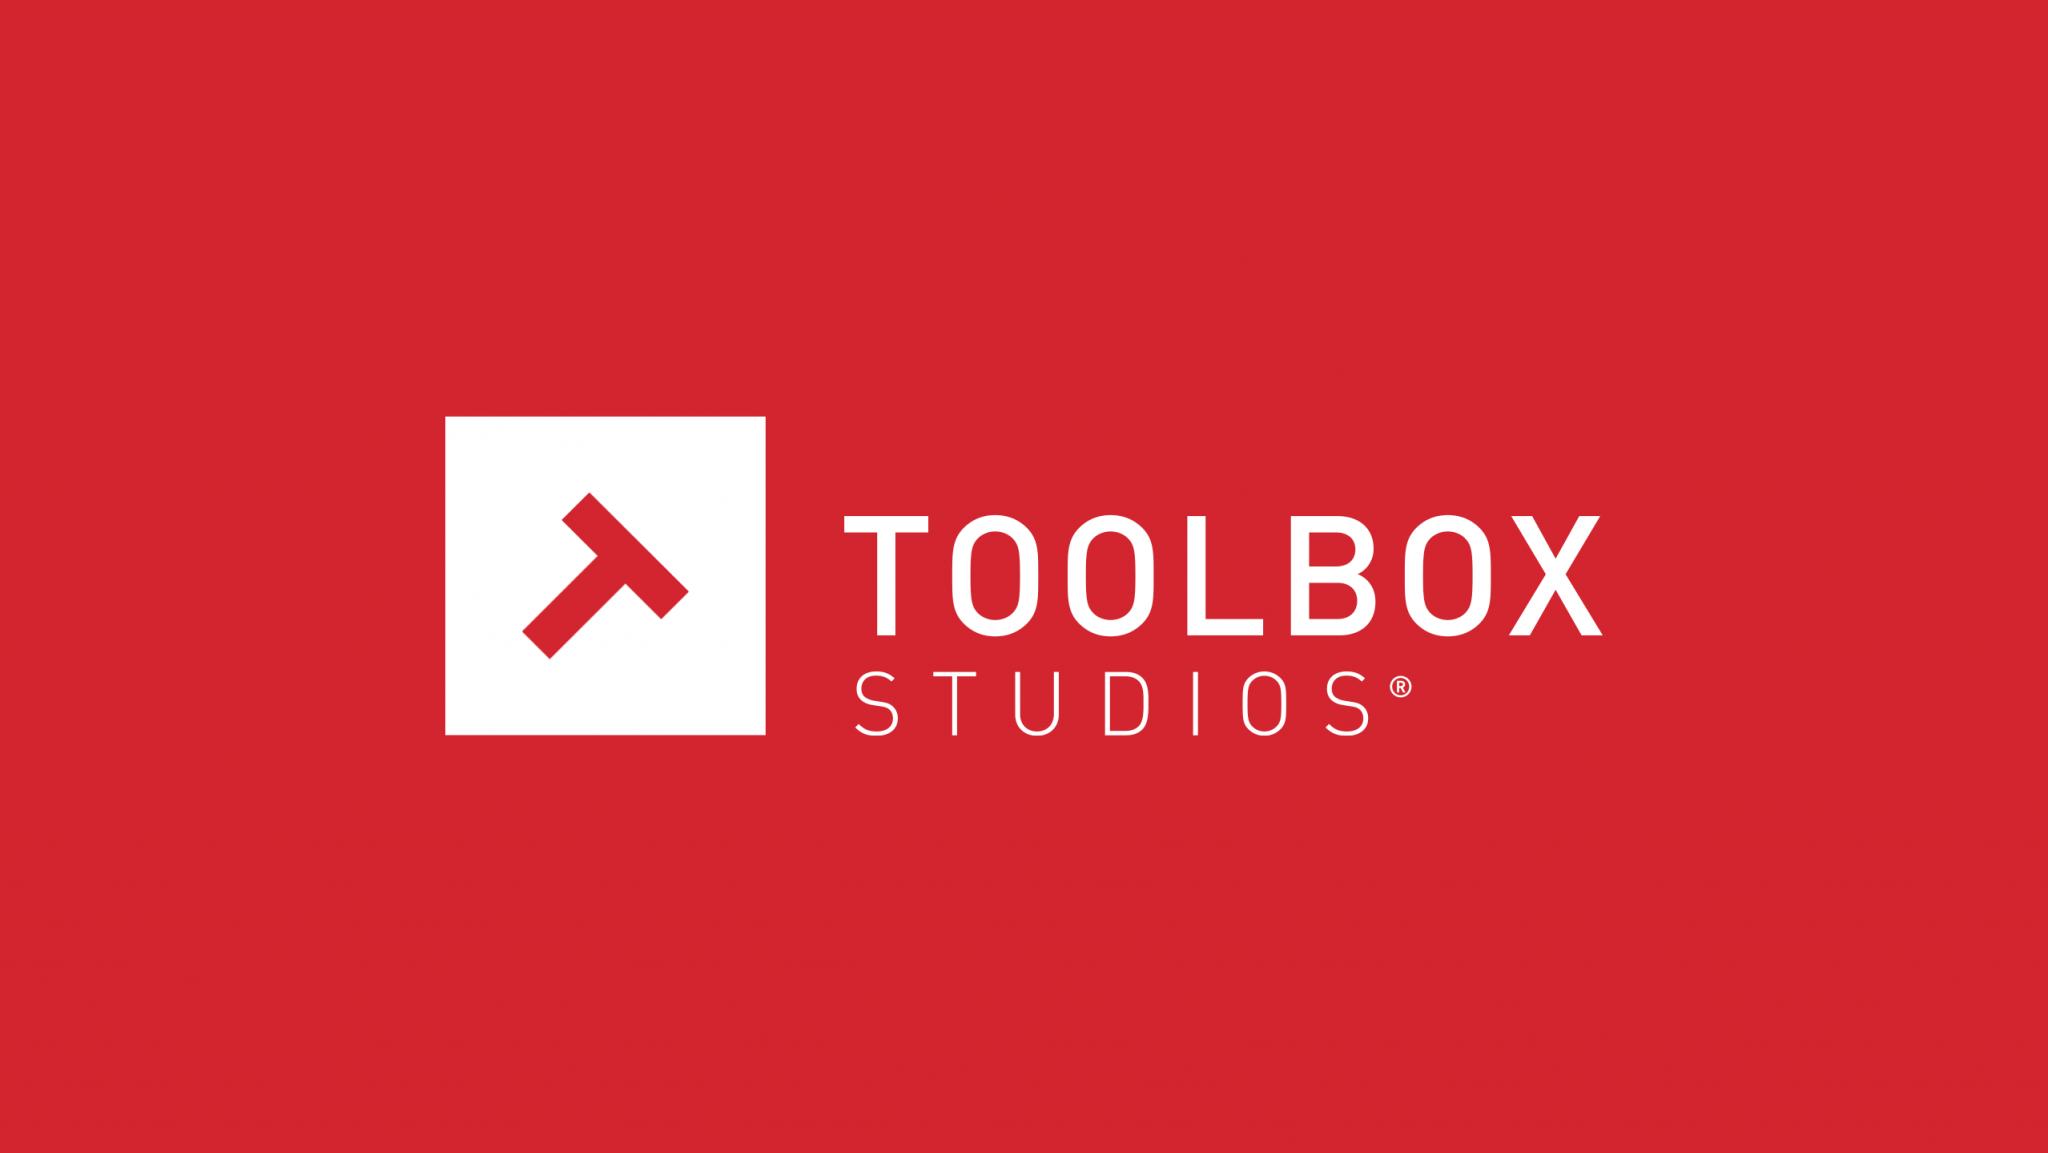 toolbox studios